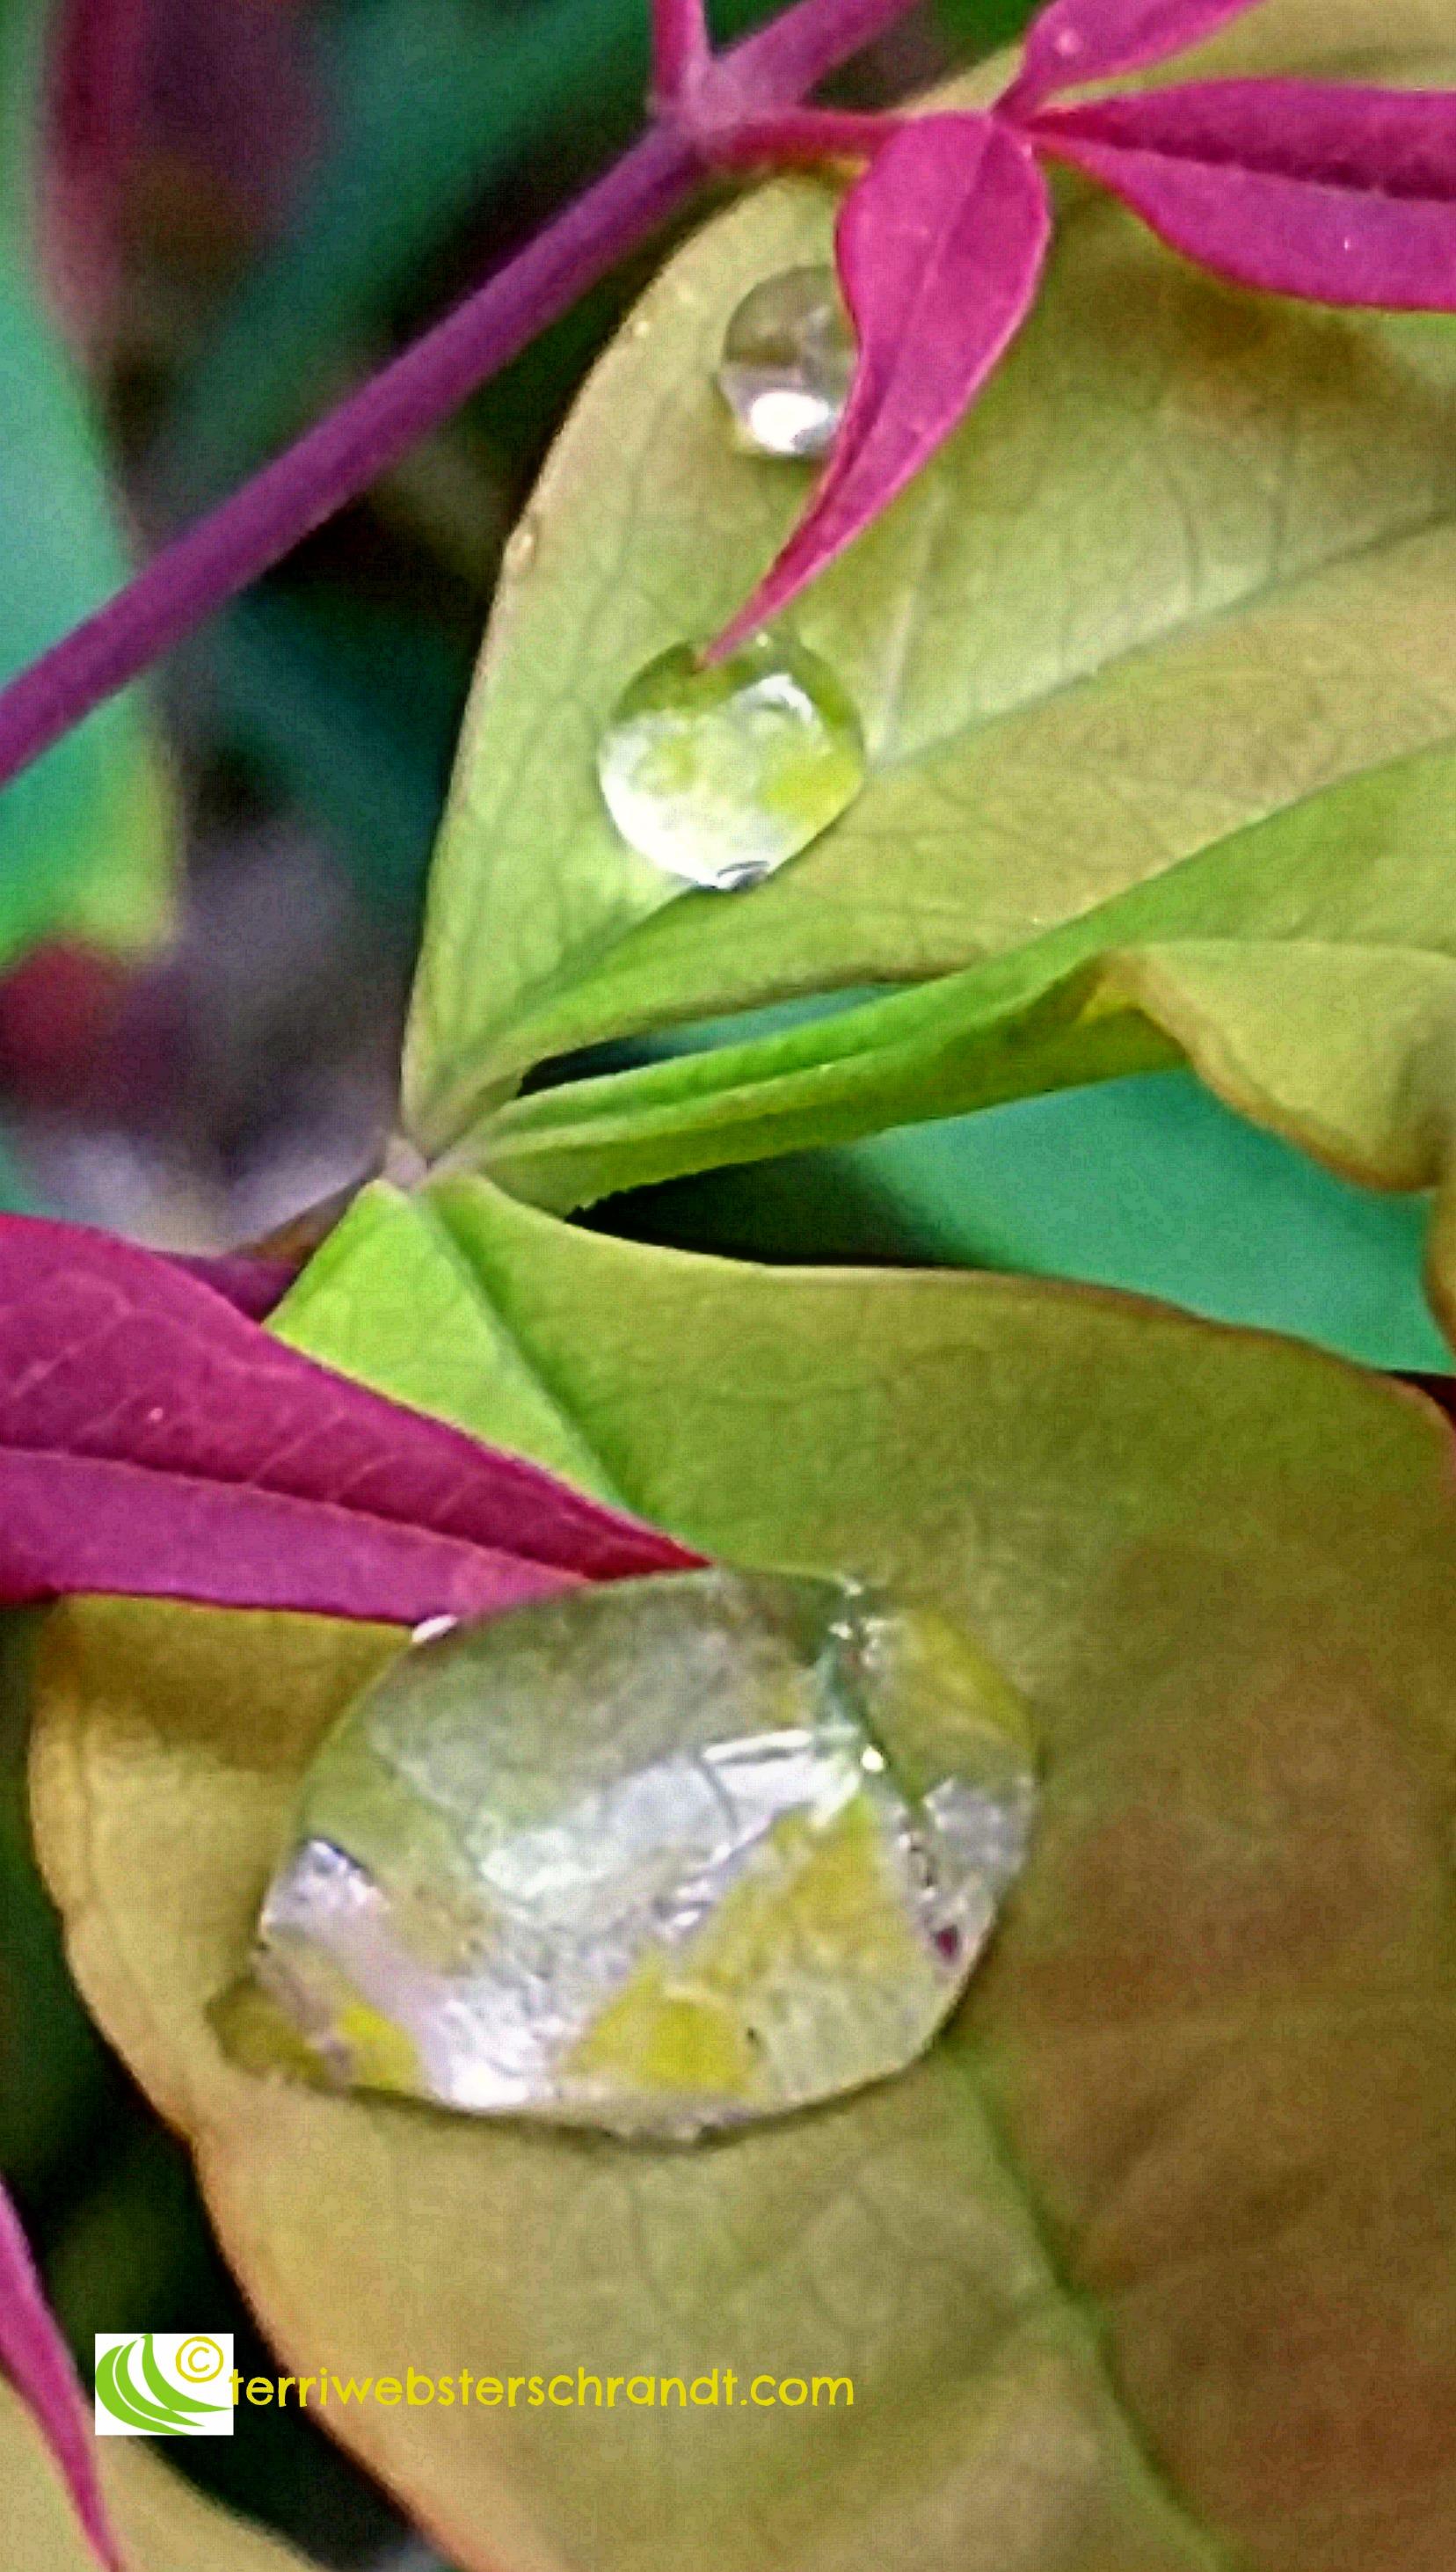 Rain drops dance on a spring leaf